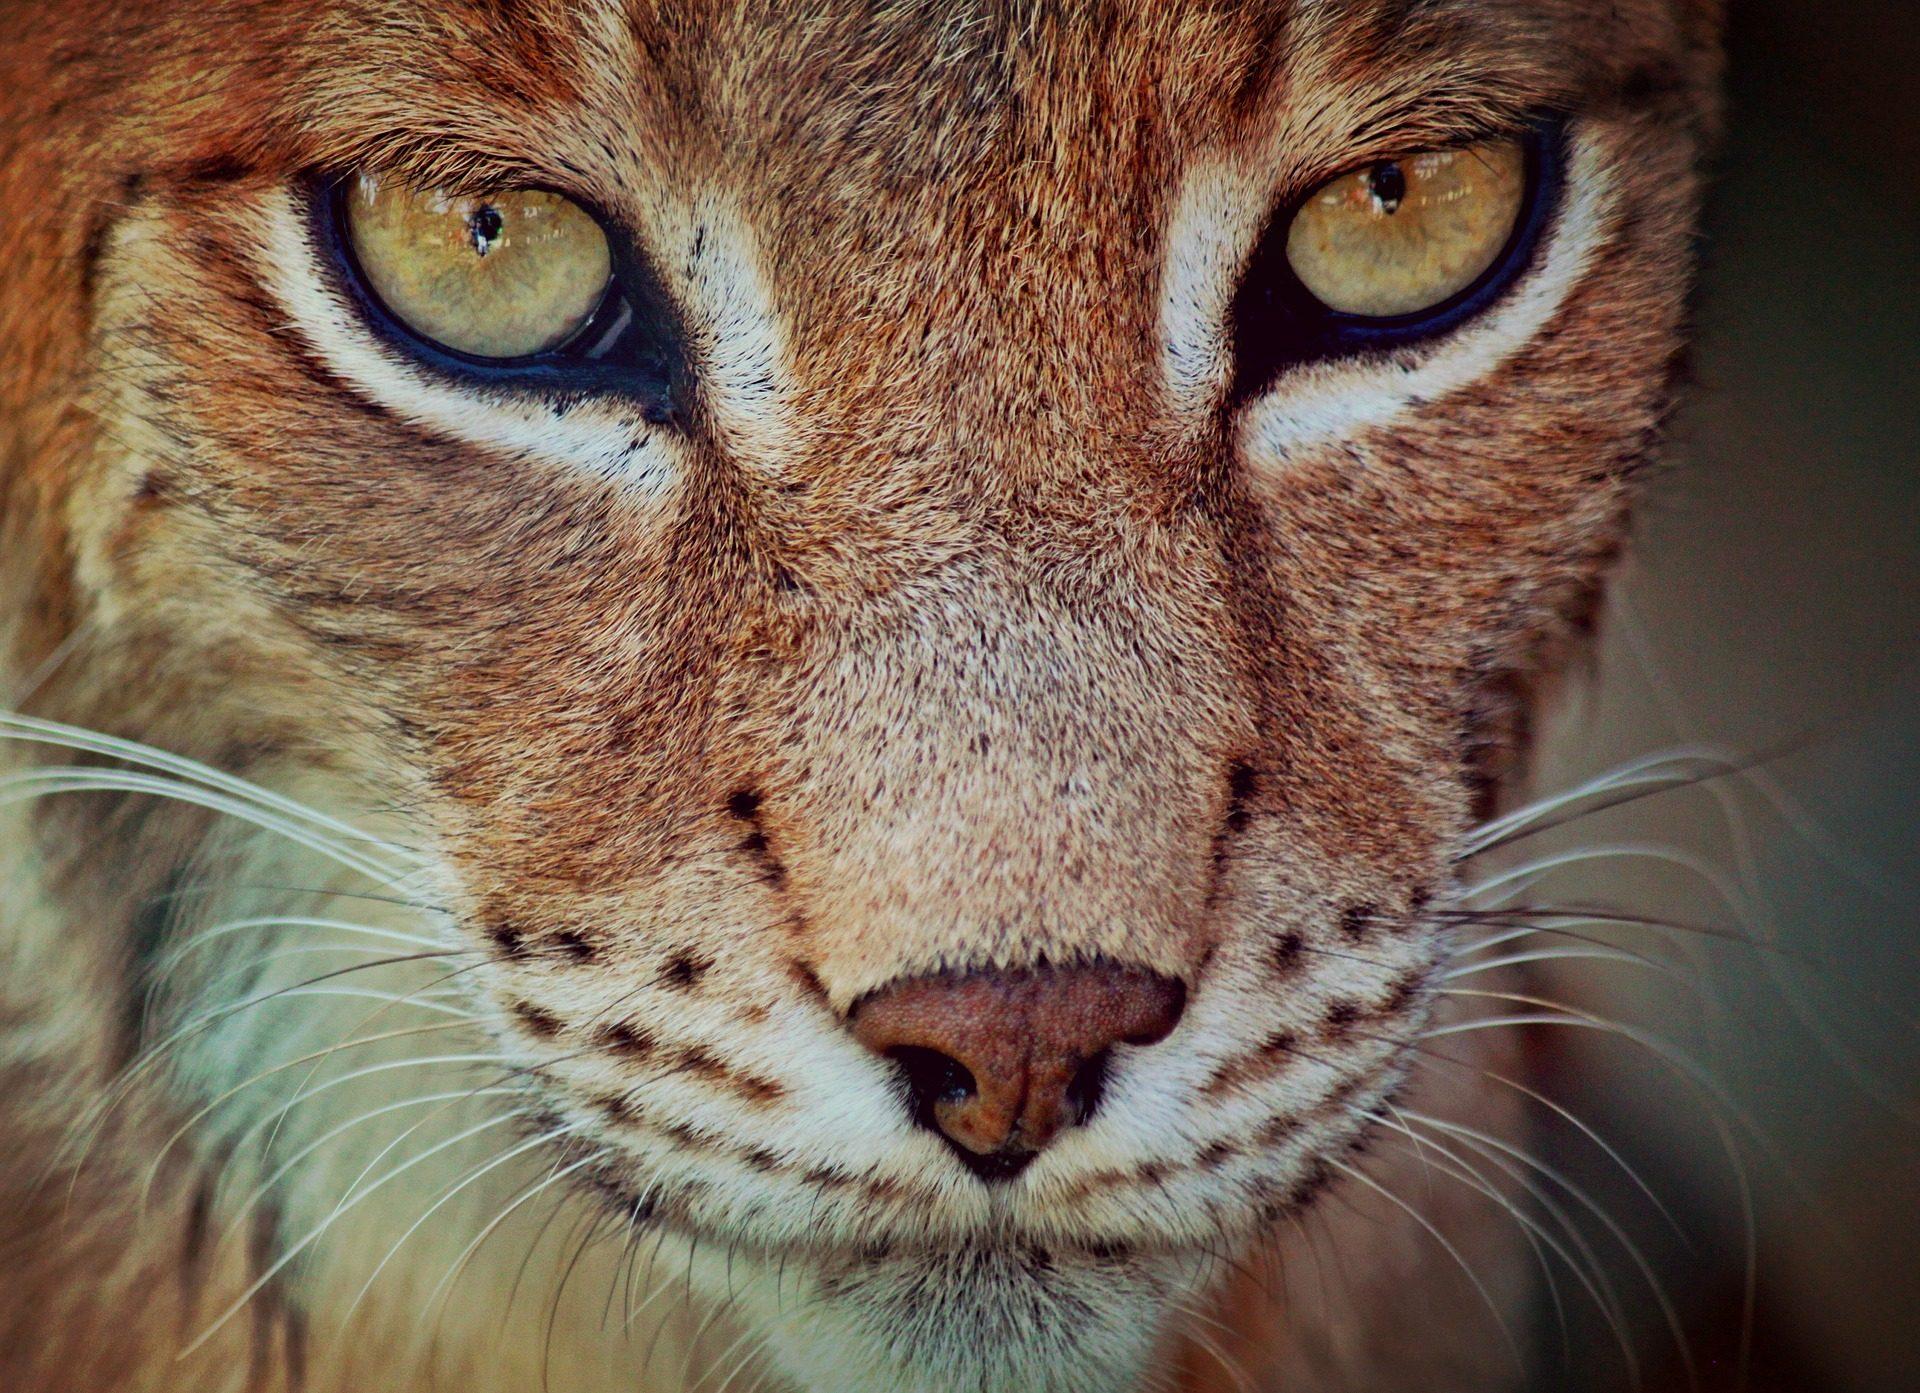 Lince, Predator, felino, sguardo, baffi, muso - Sfondi HD - Professor-falken.com